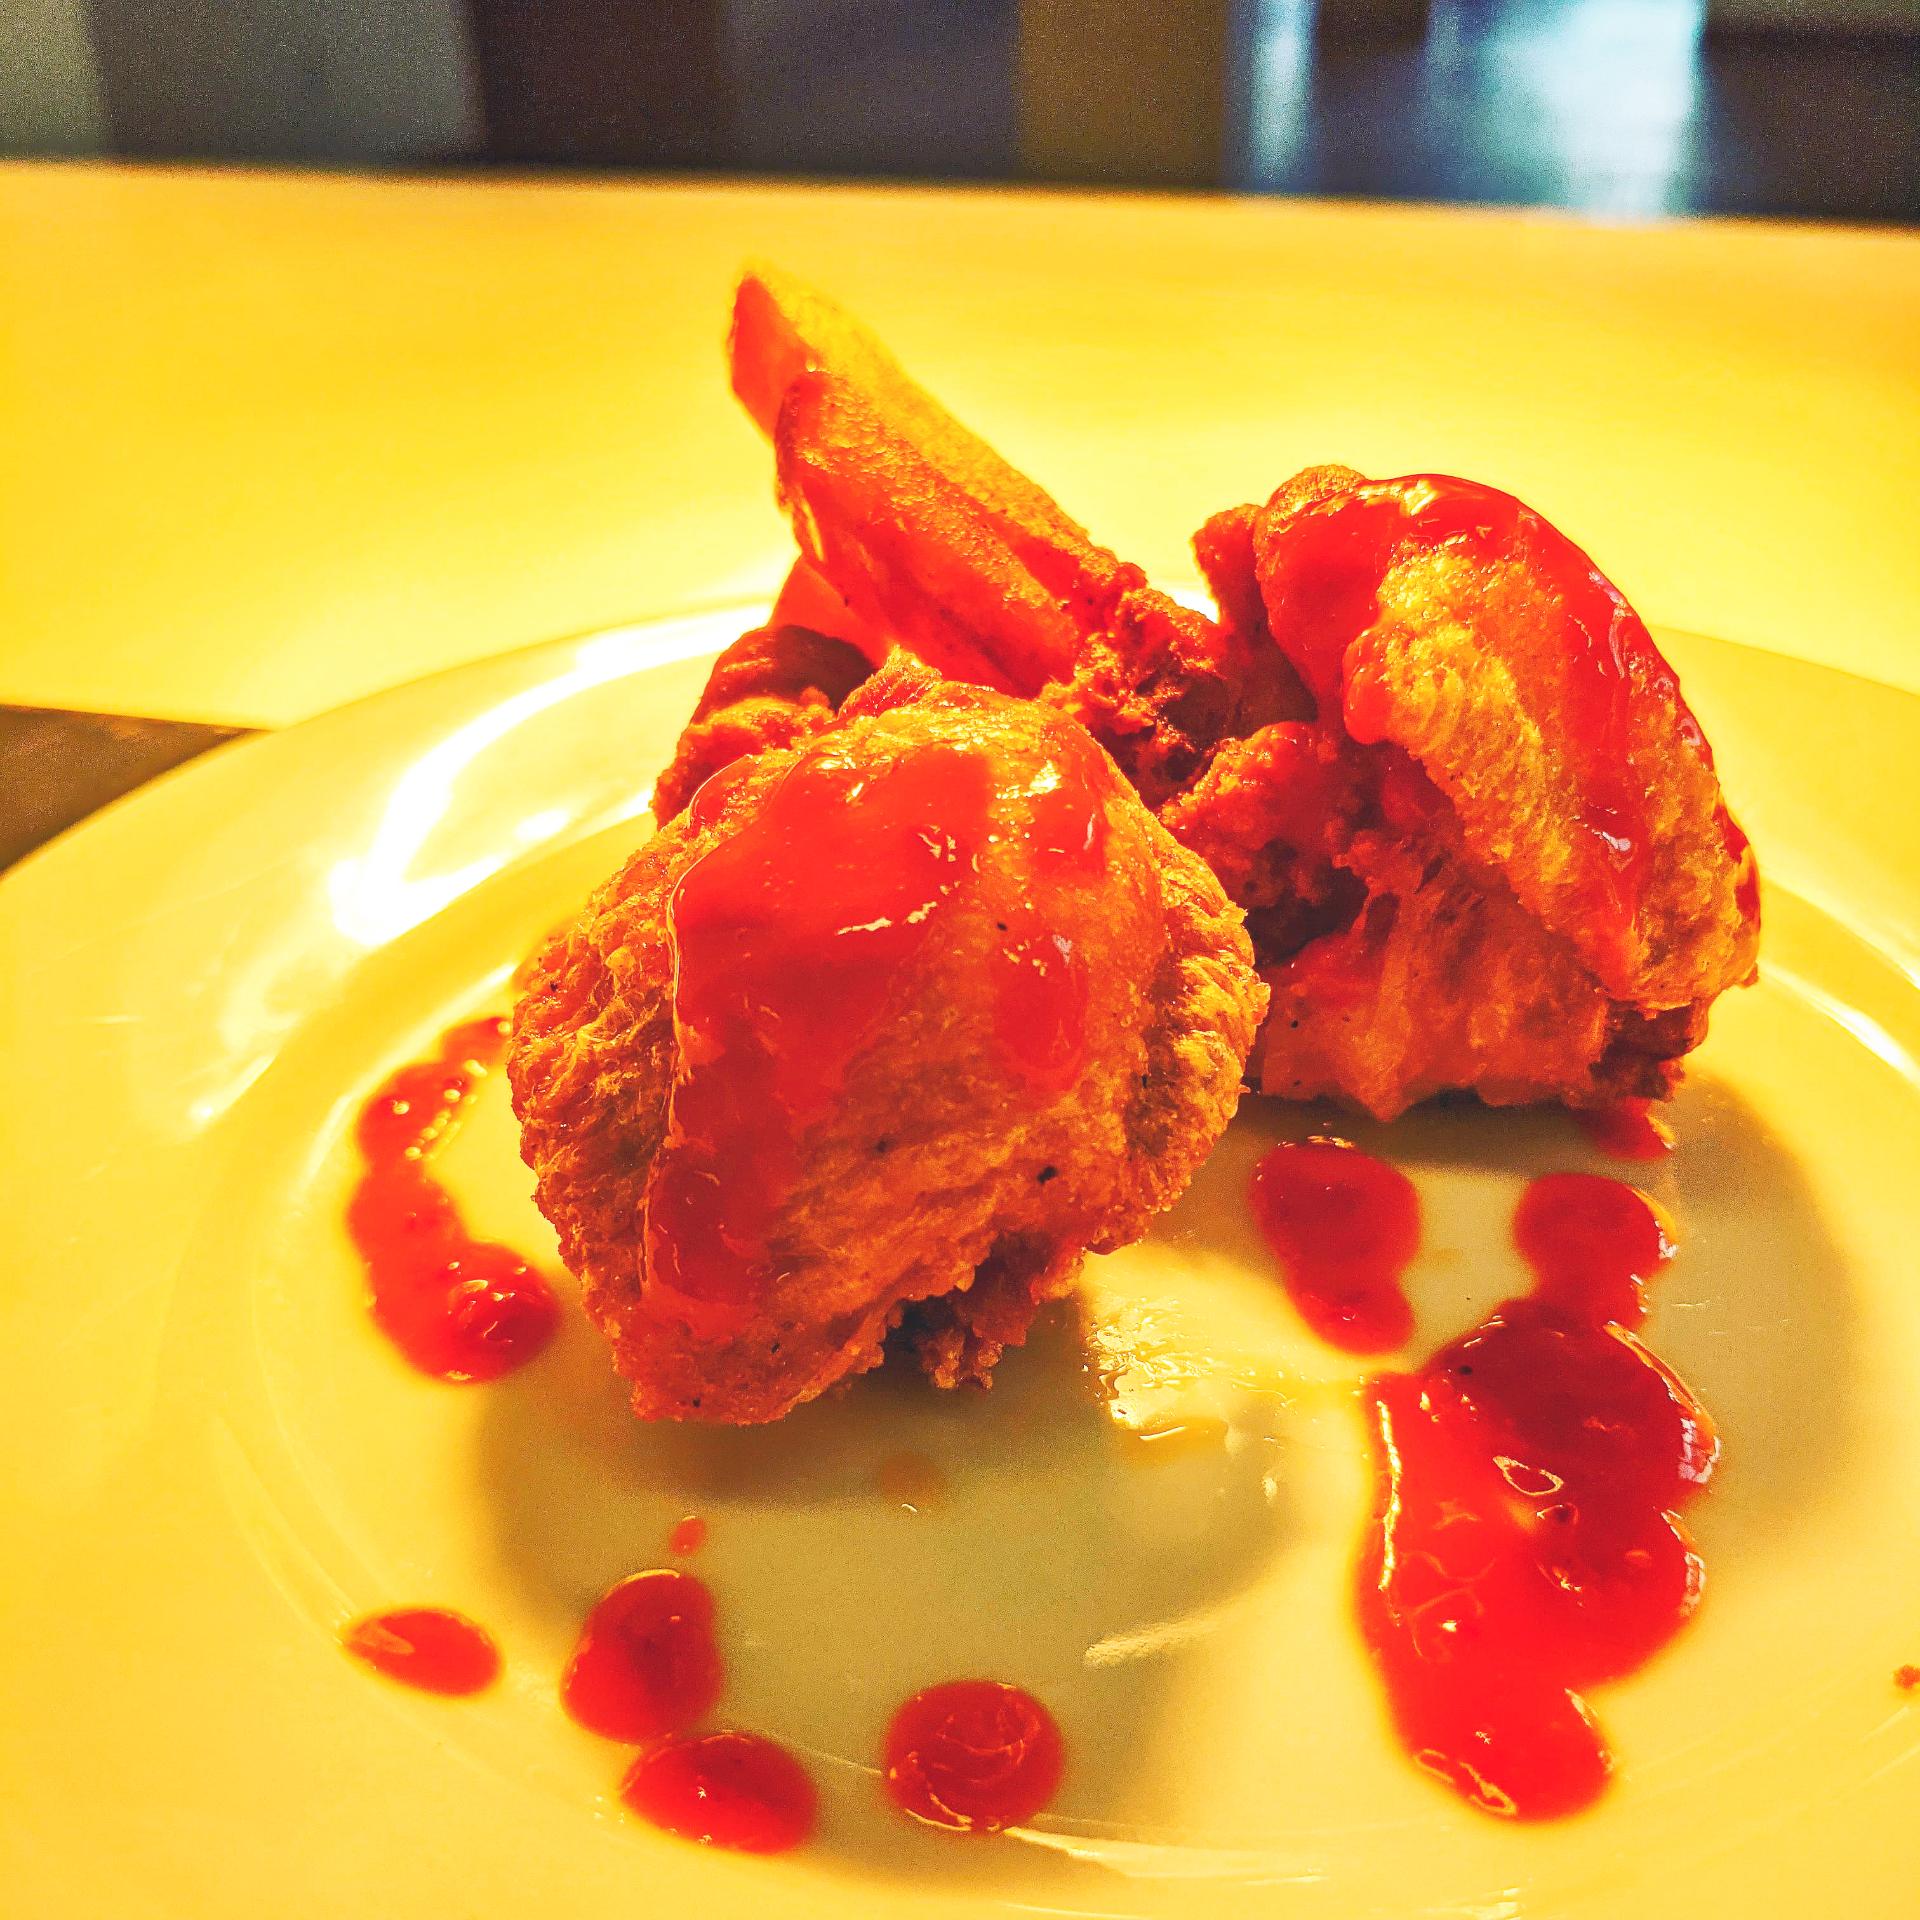 Stuff chicken wing